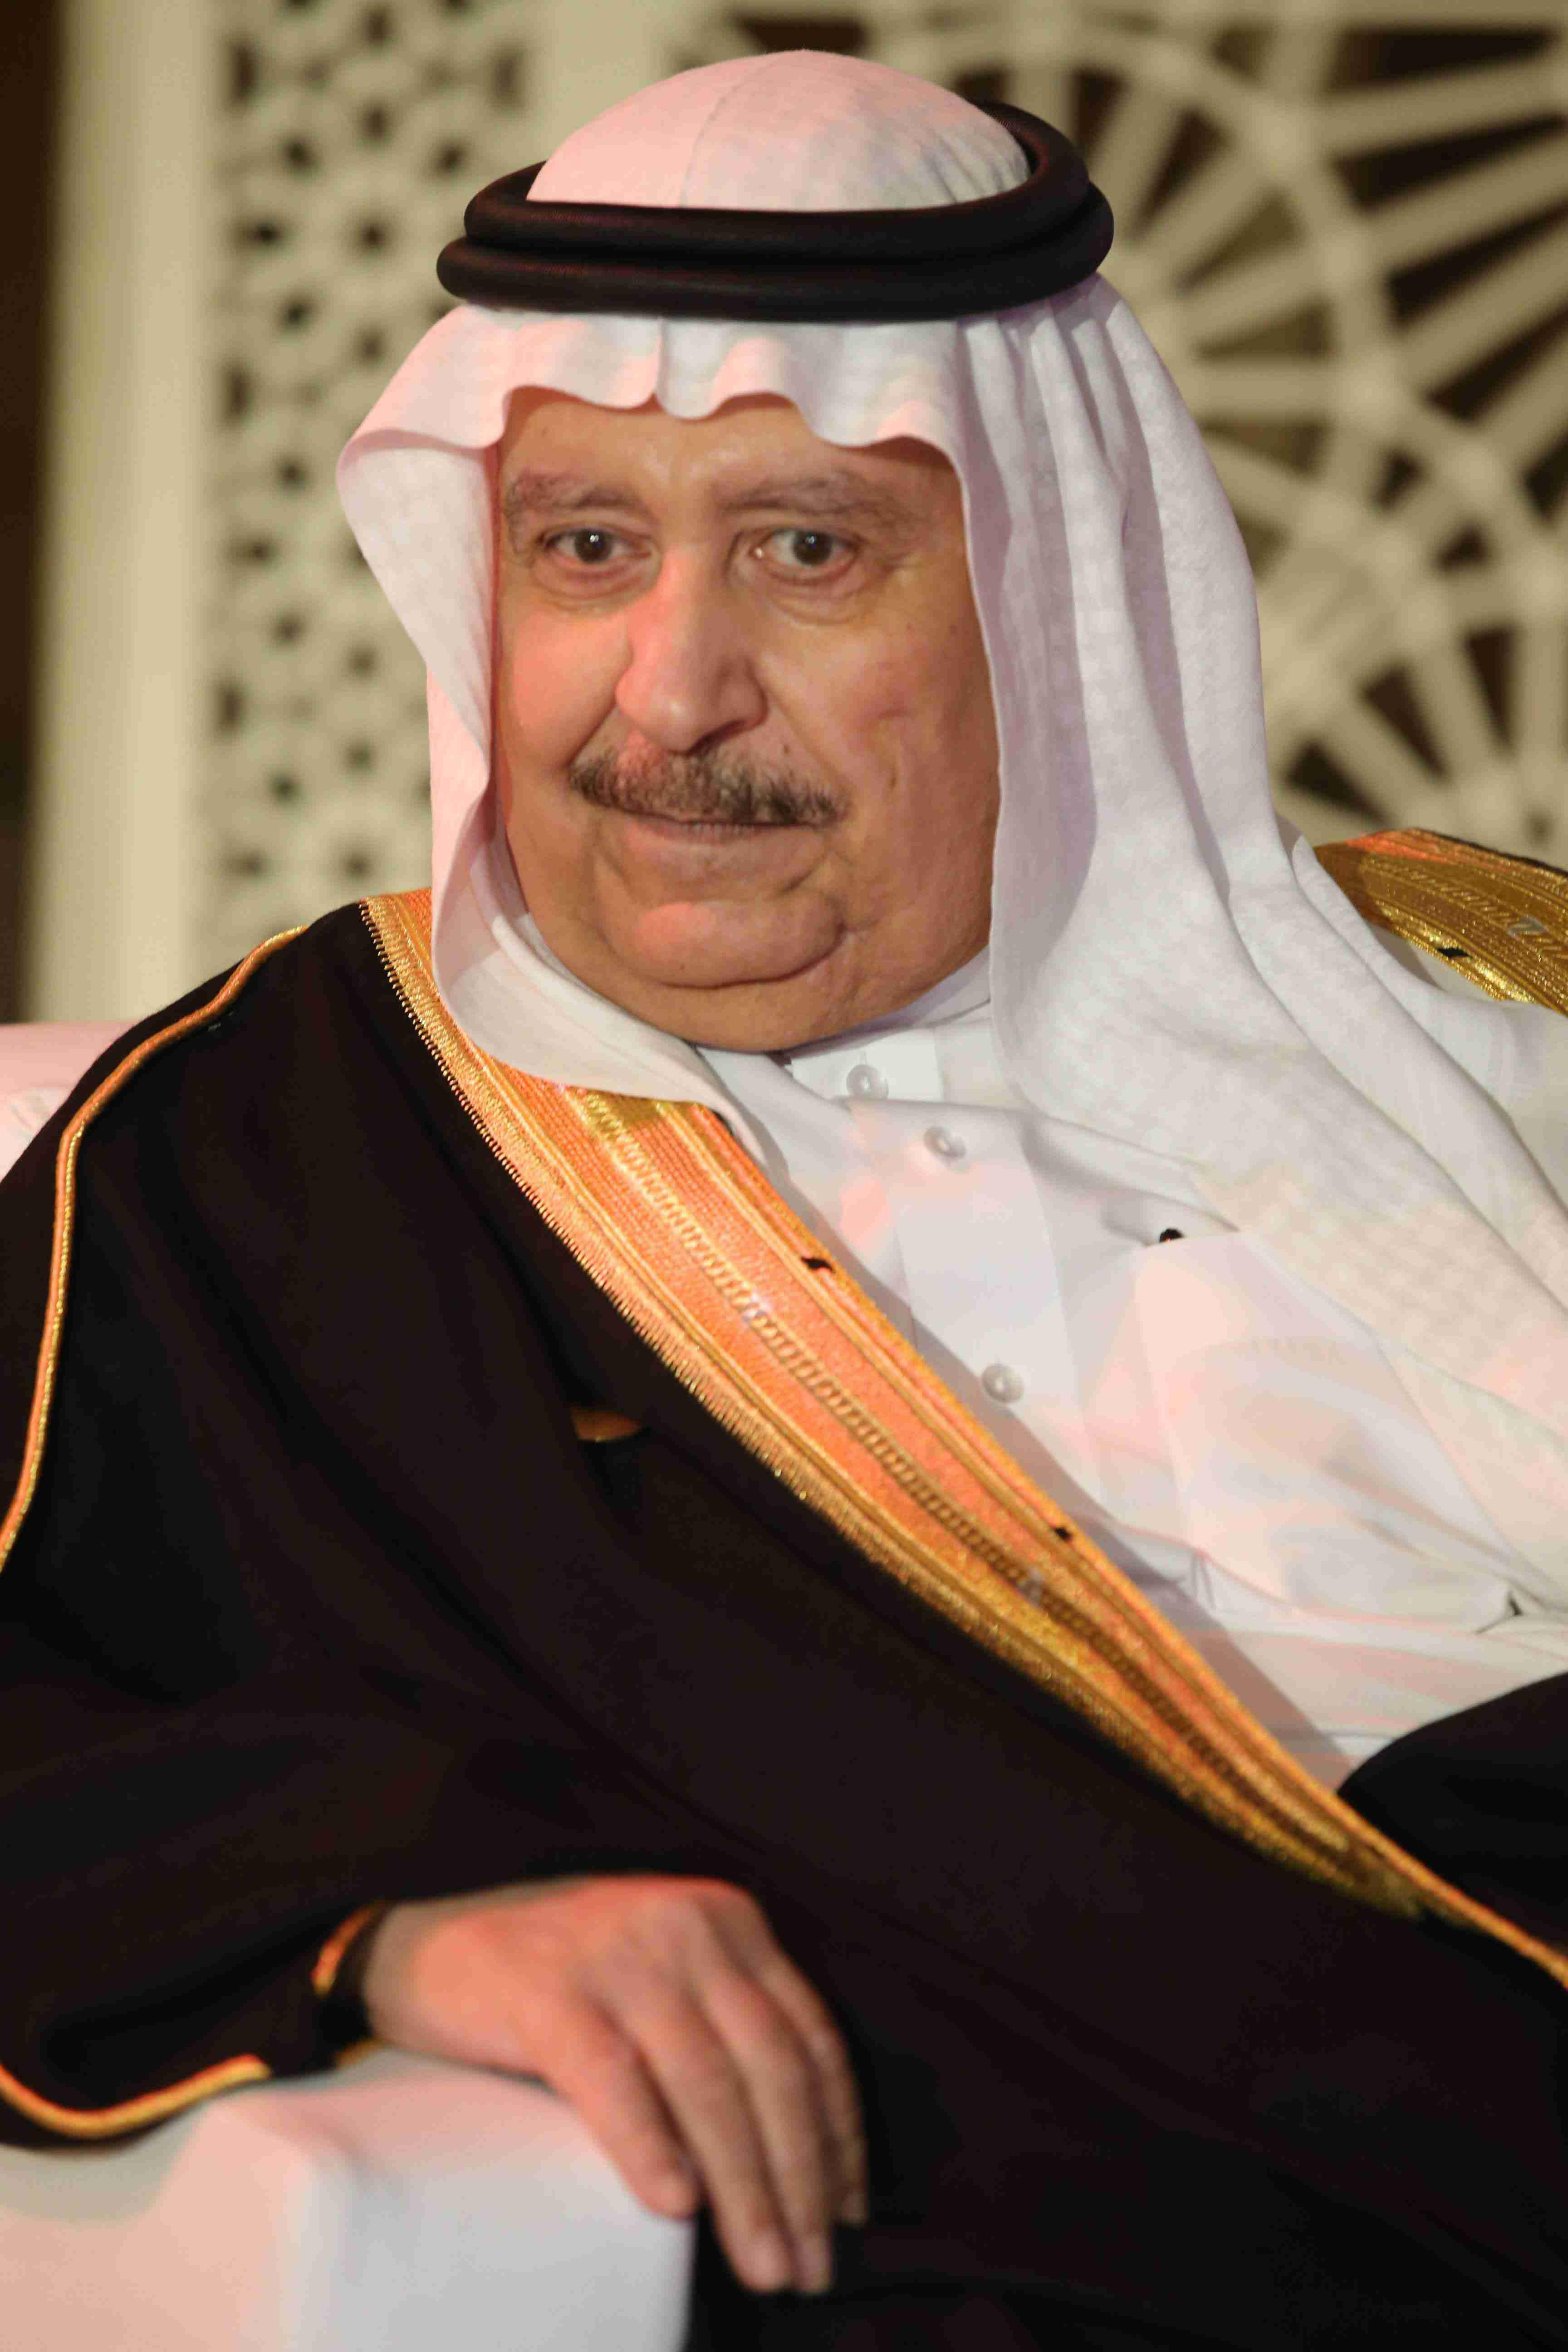 صاحب السمو الأمير/ فهد بن عبدالله بن محمد بن سعود الكبير آل سعود